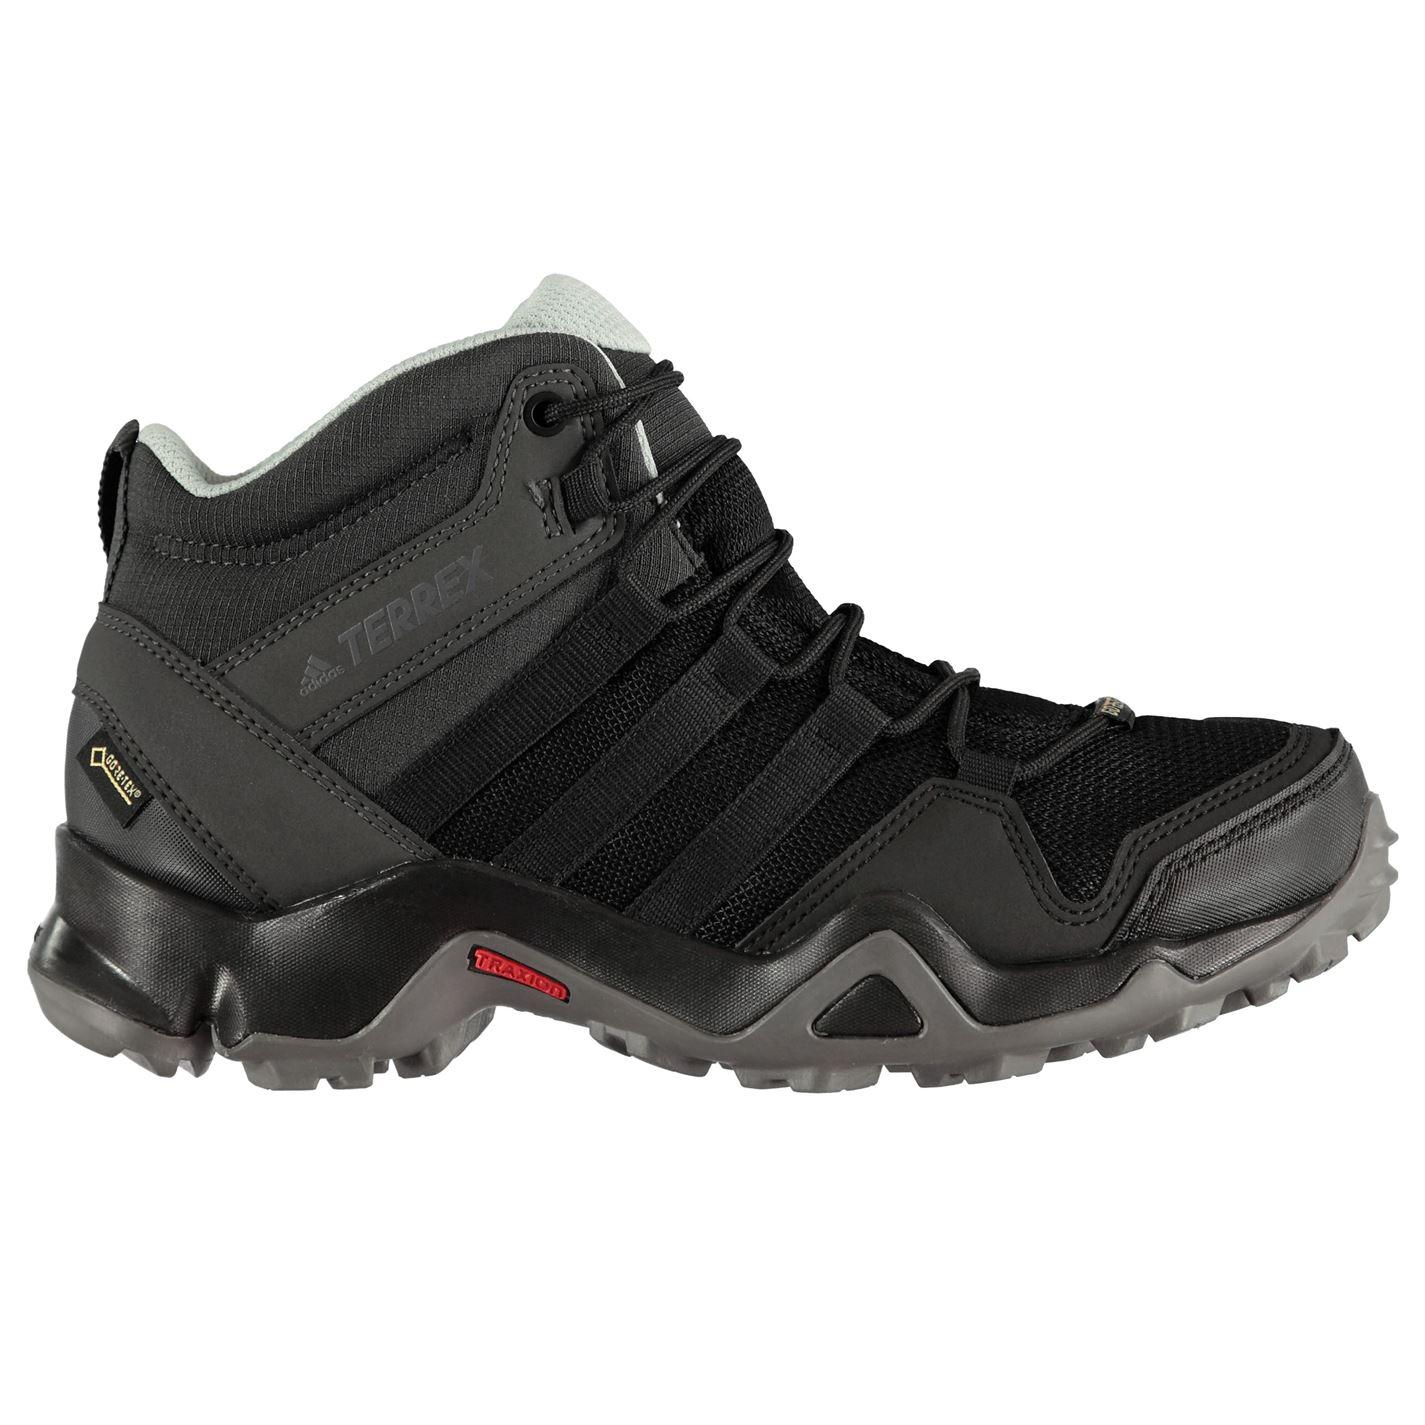 Adidas TERREX AX2R GTX Mid dámske vychádzkové topánky